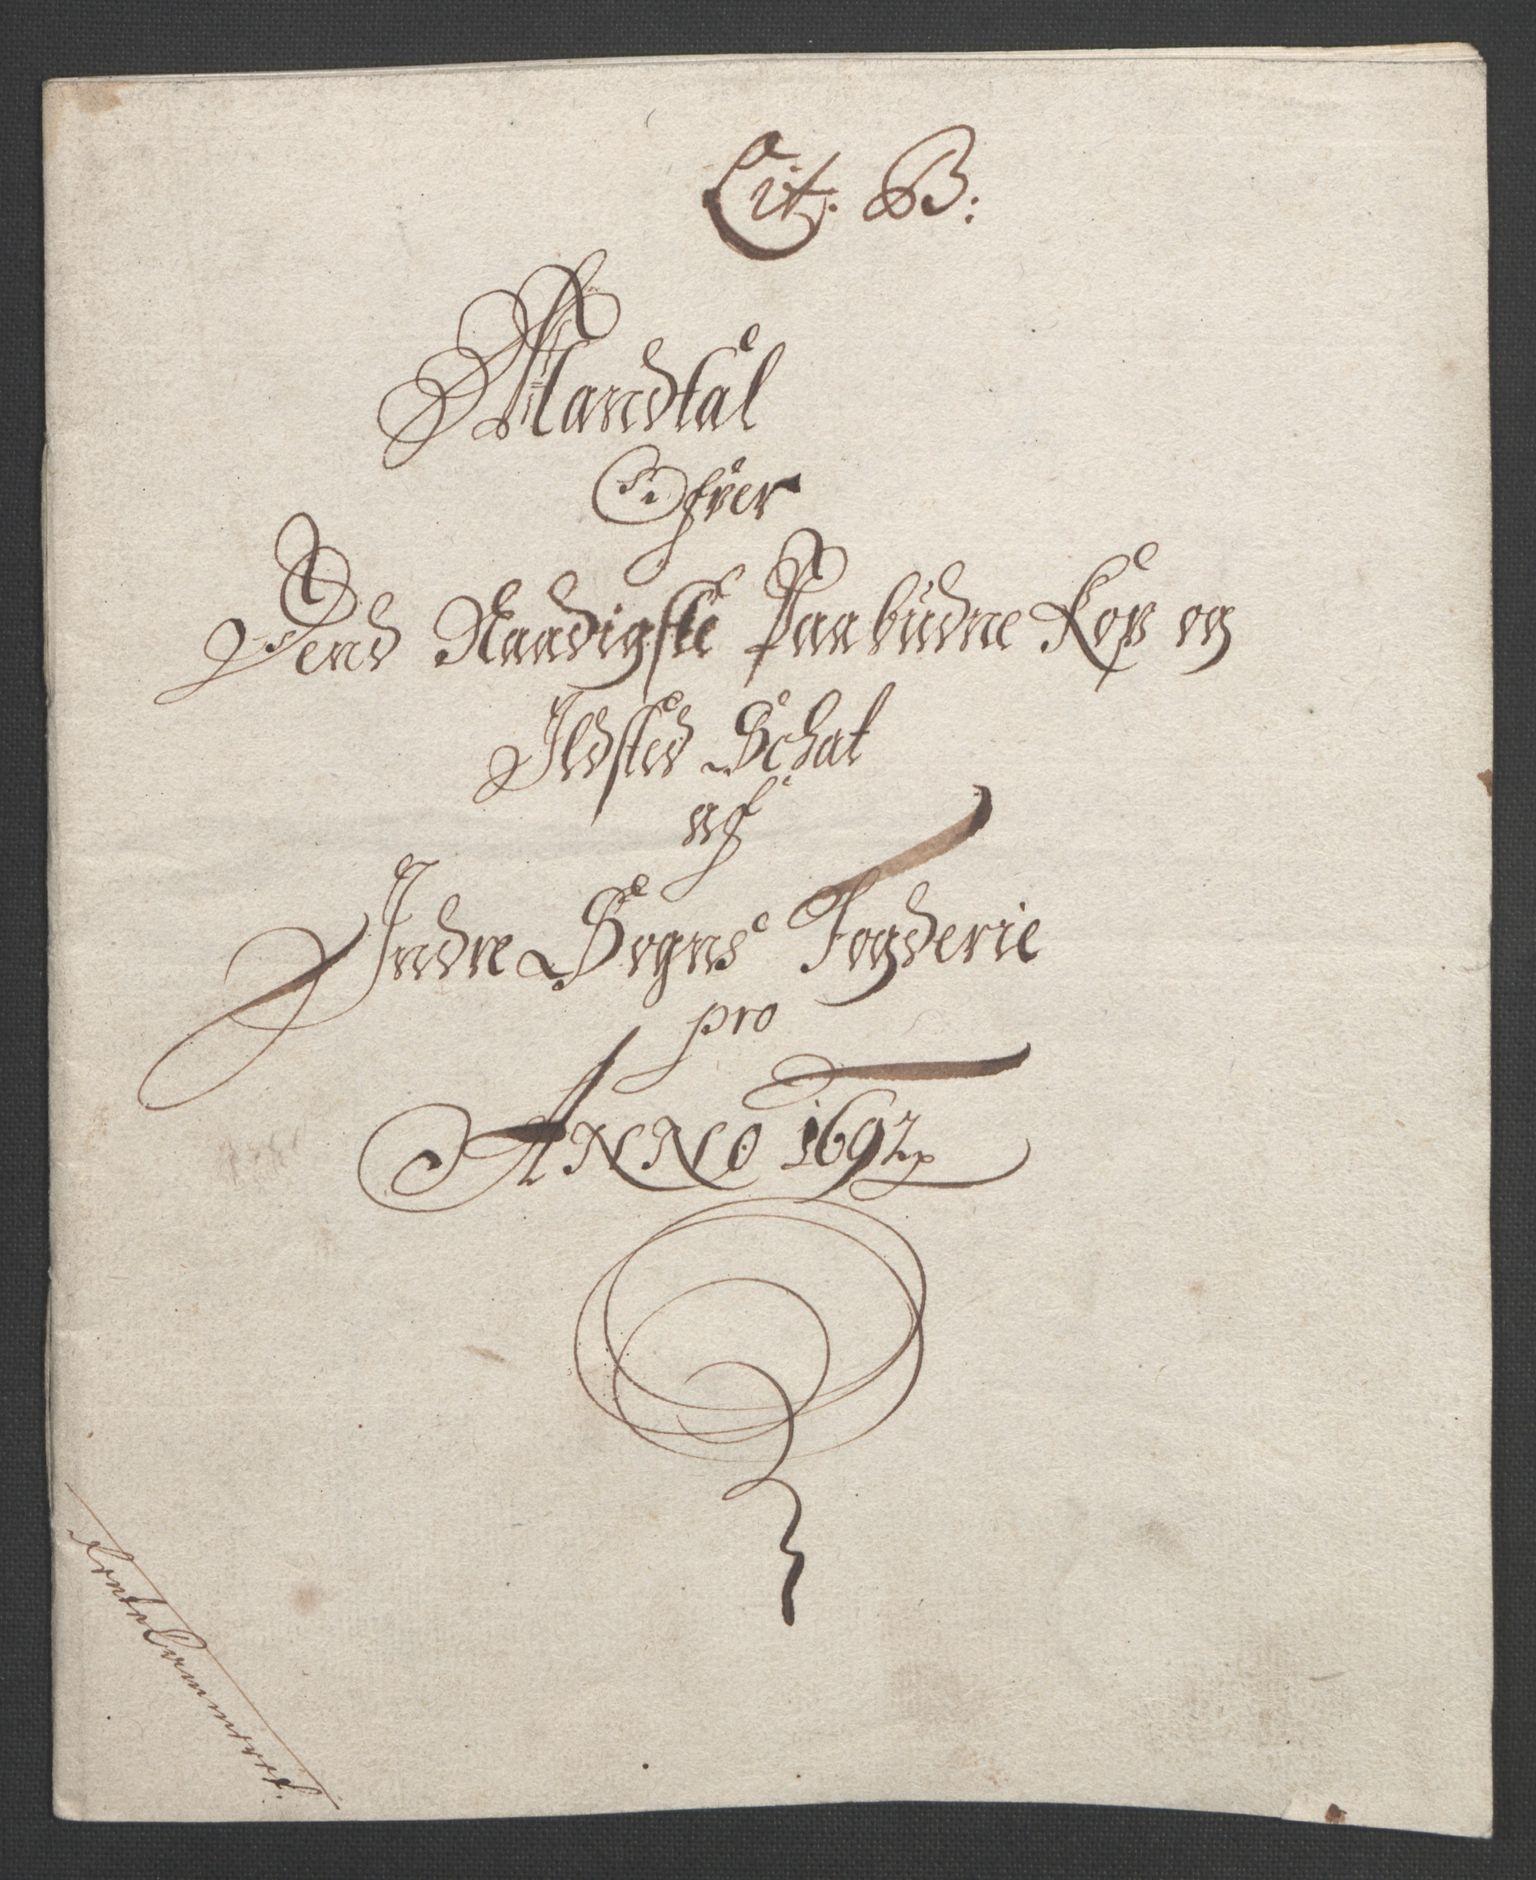 RA, Rentekammeret inntil 1814, Reviderte regnskaper, Fogderegnskap, R52/L3306: Fogderegnskap Sogn, 1691-1692, s. 140